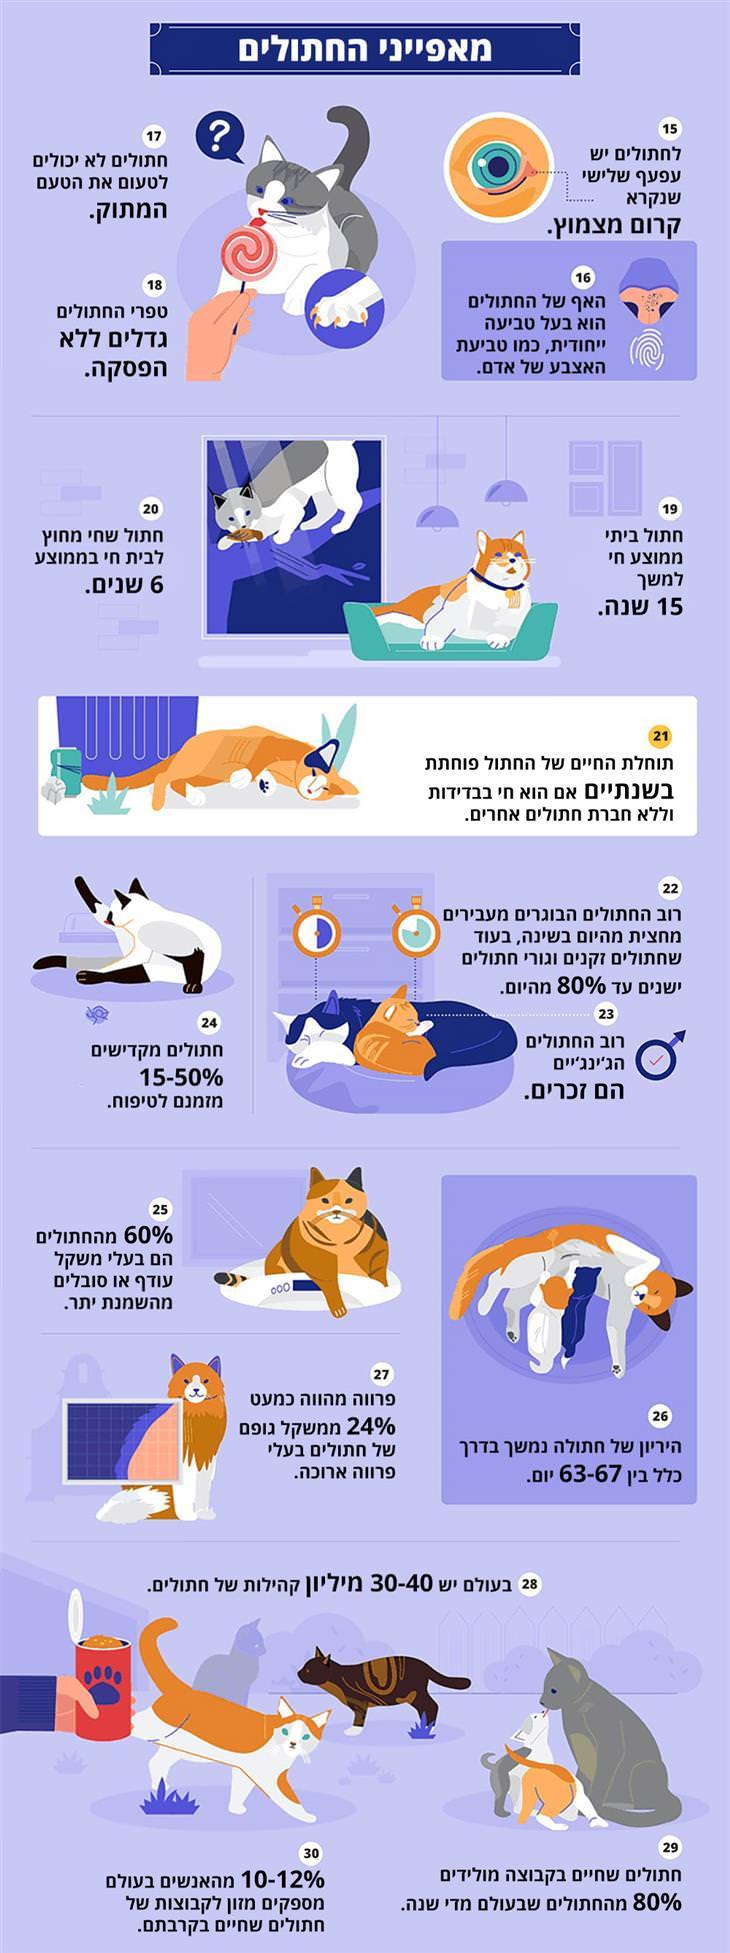 עובדות על חתולים: מאפייני החתולים